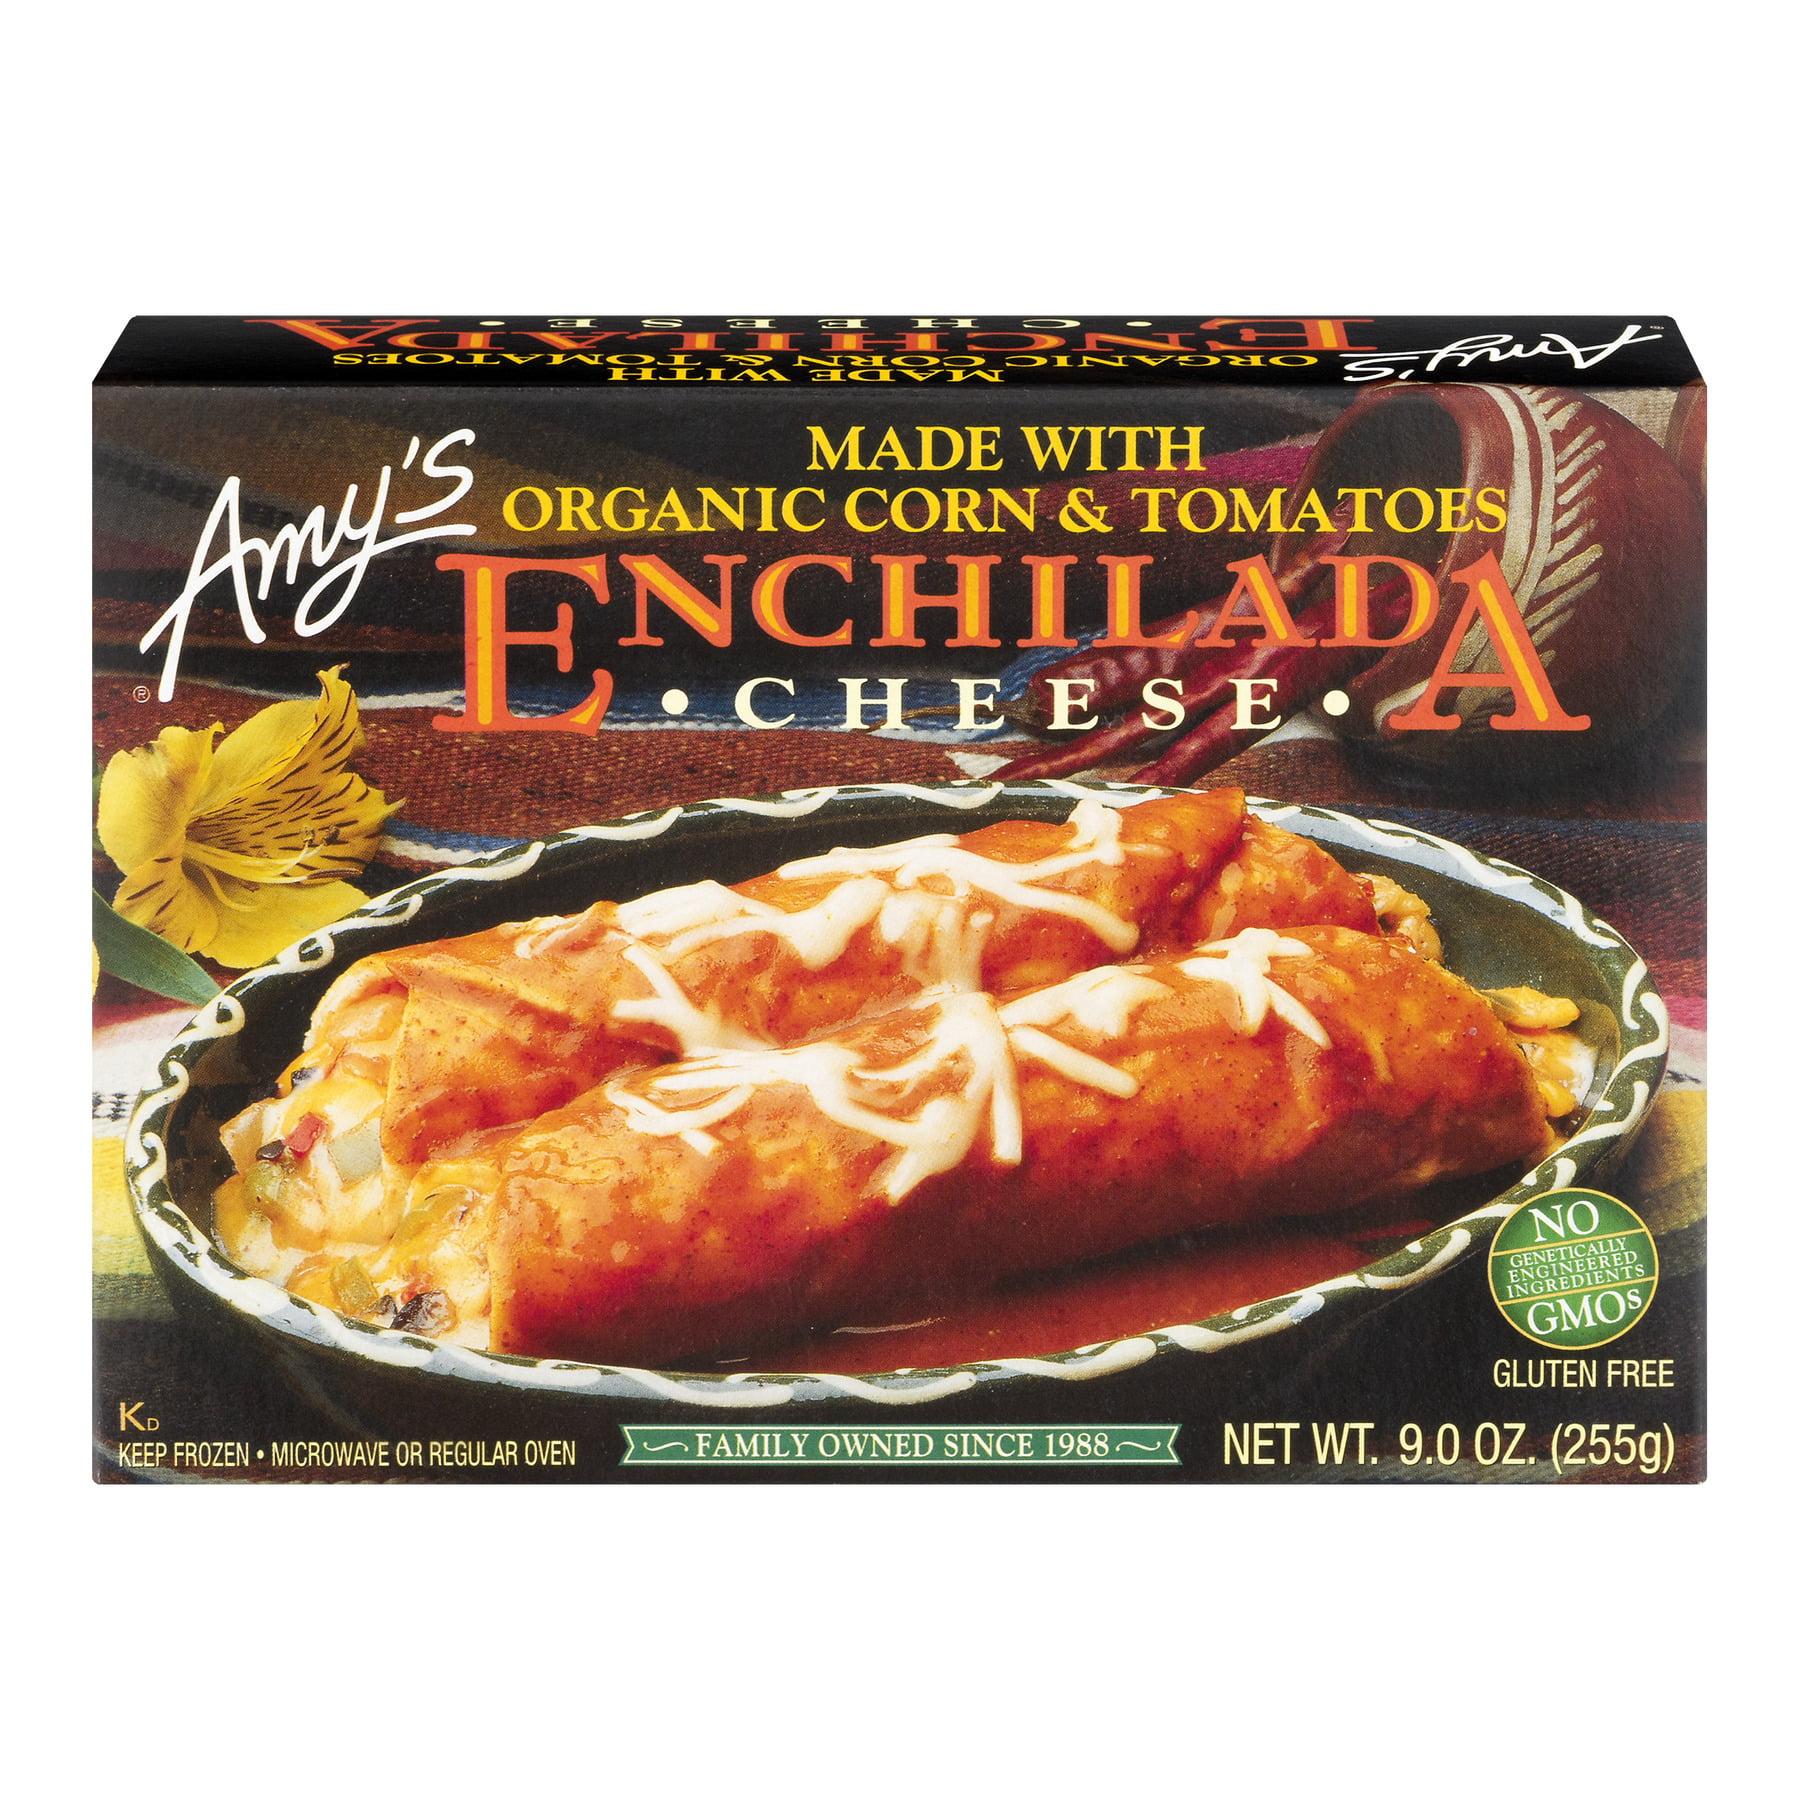 Amy's Enchilada Cheese, 9.0 OZ